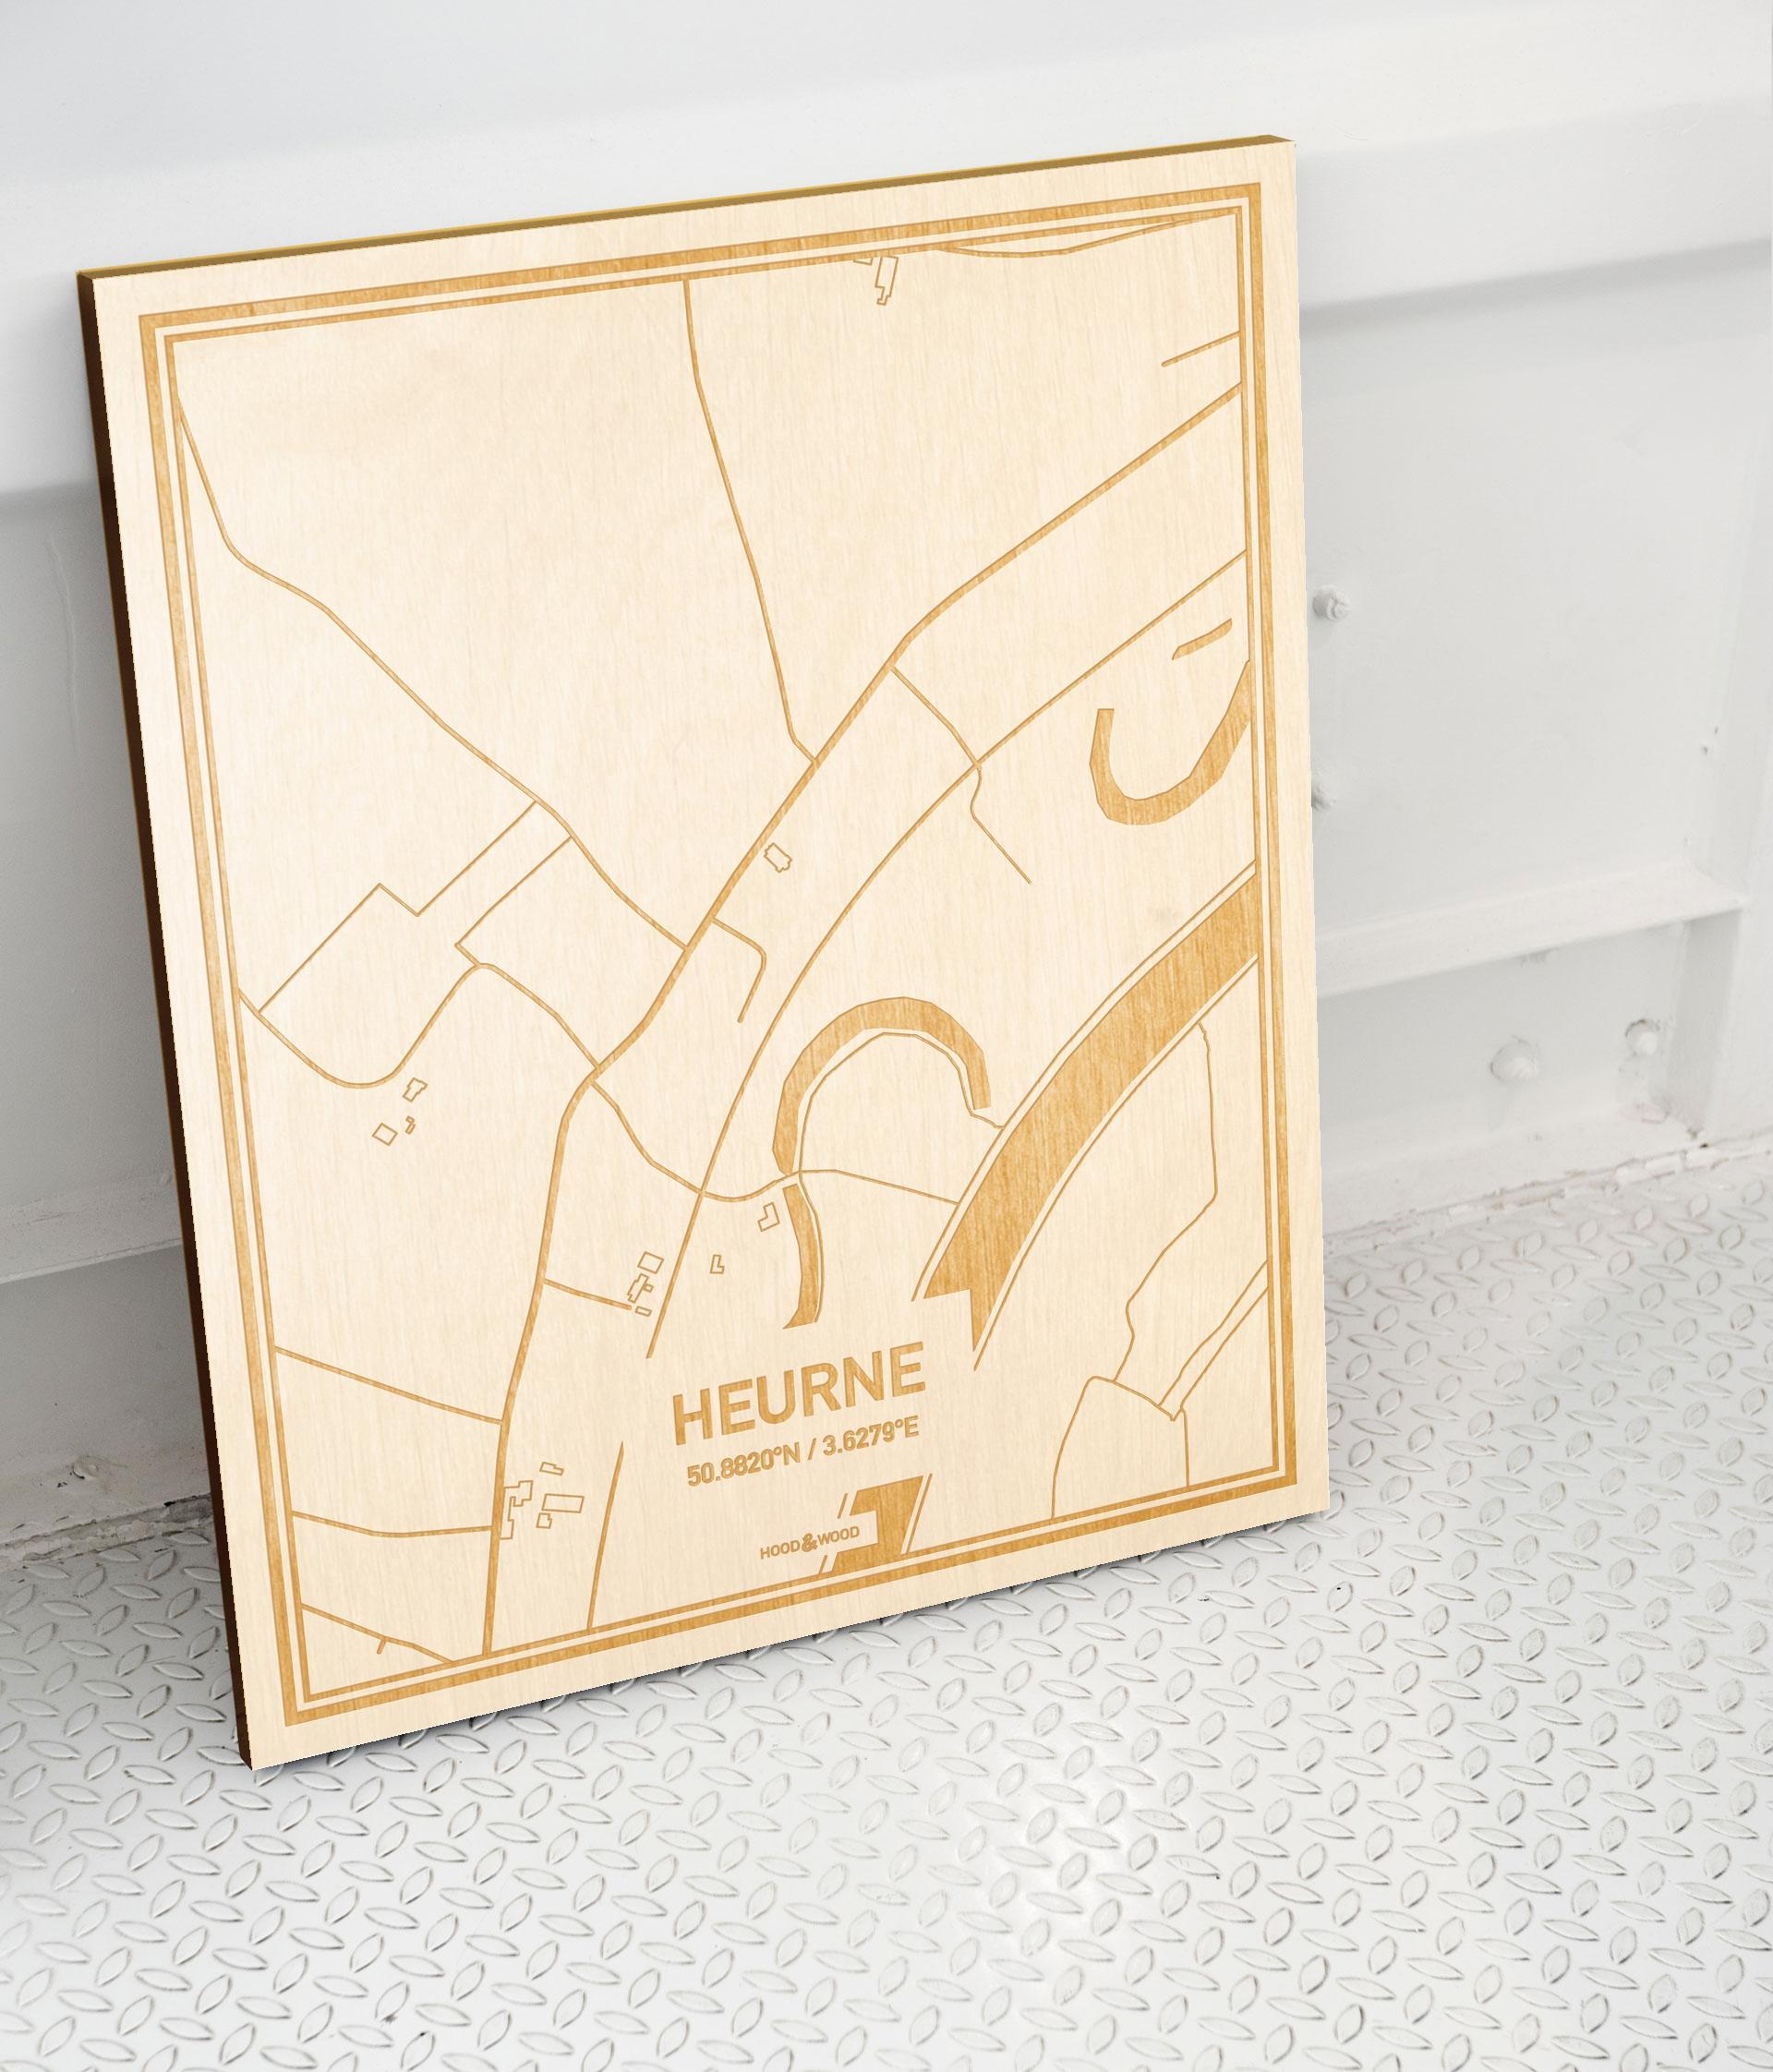 Plattegrond Heurne als prachtige houten wanddecoratie. Het warme hout contrasteert mooi met de witte muur.